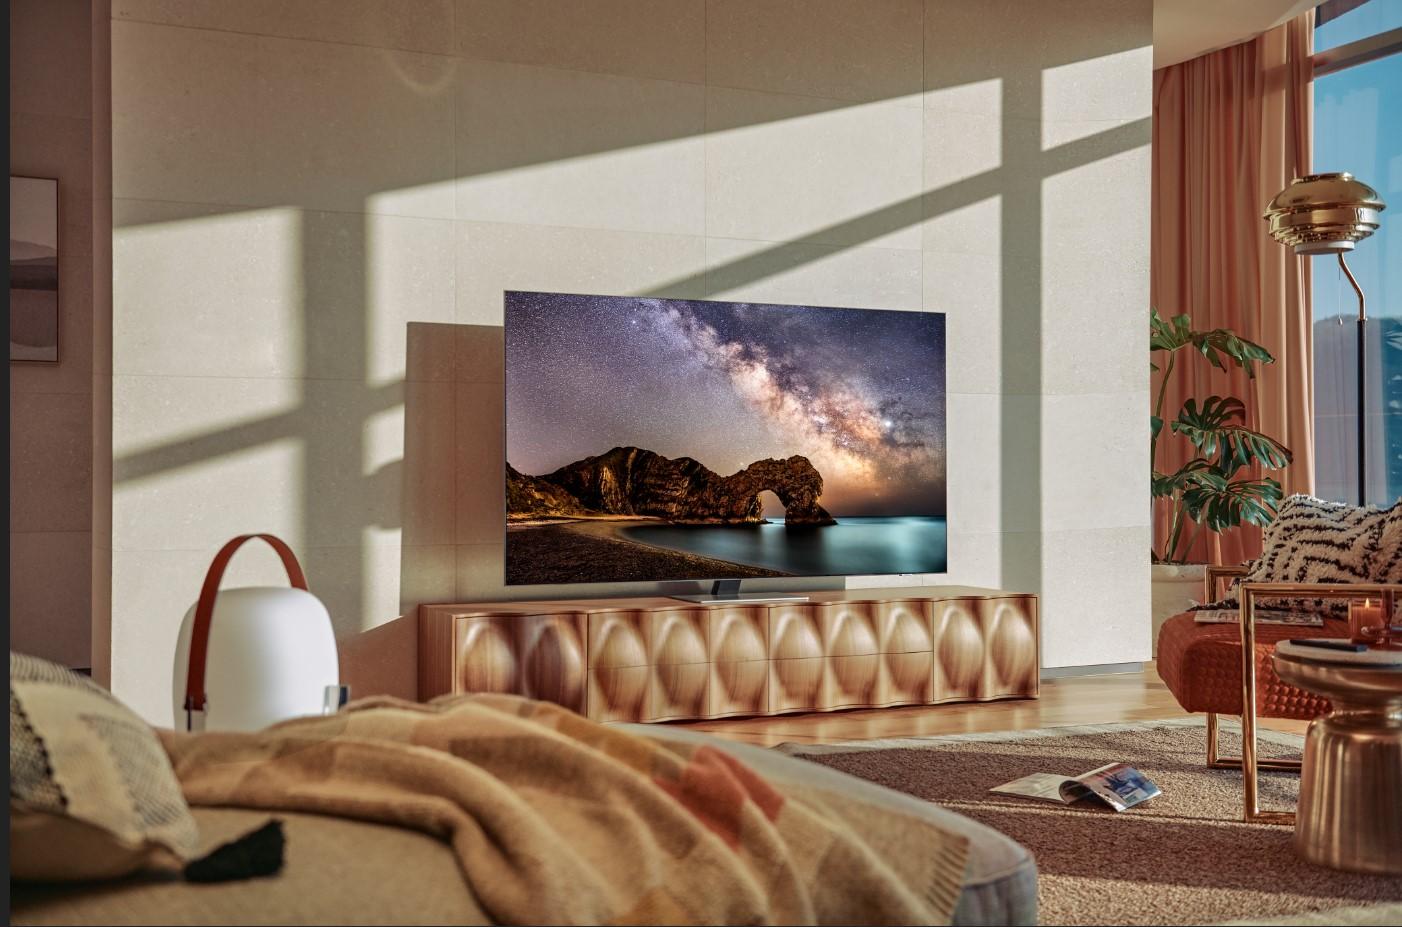 Neo QLED có nhiều công nghệ hiện đại giúp tăng chất lượng hình ảnh.